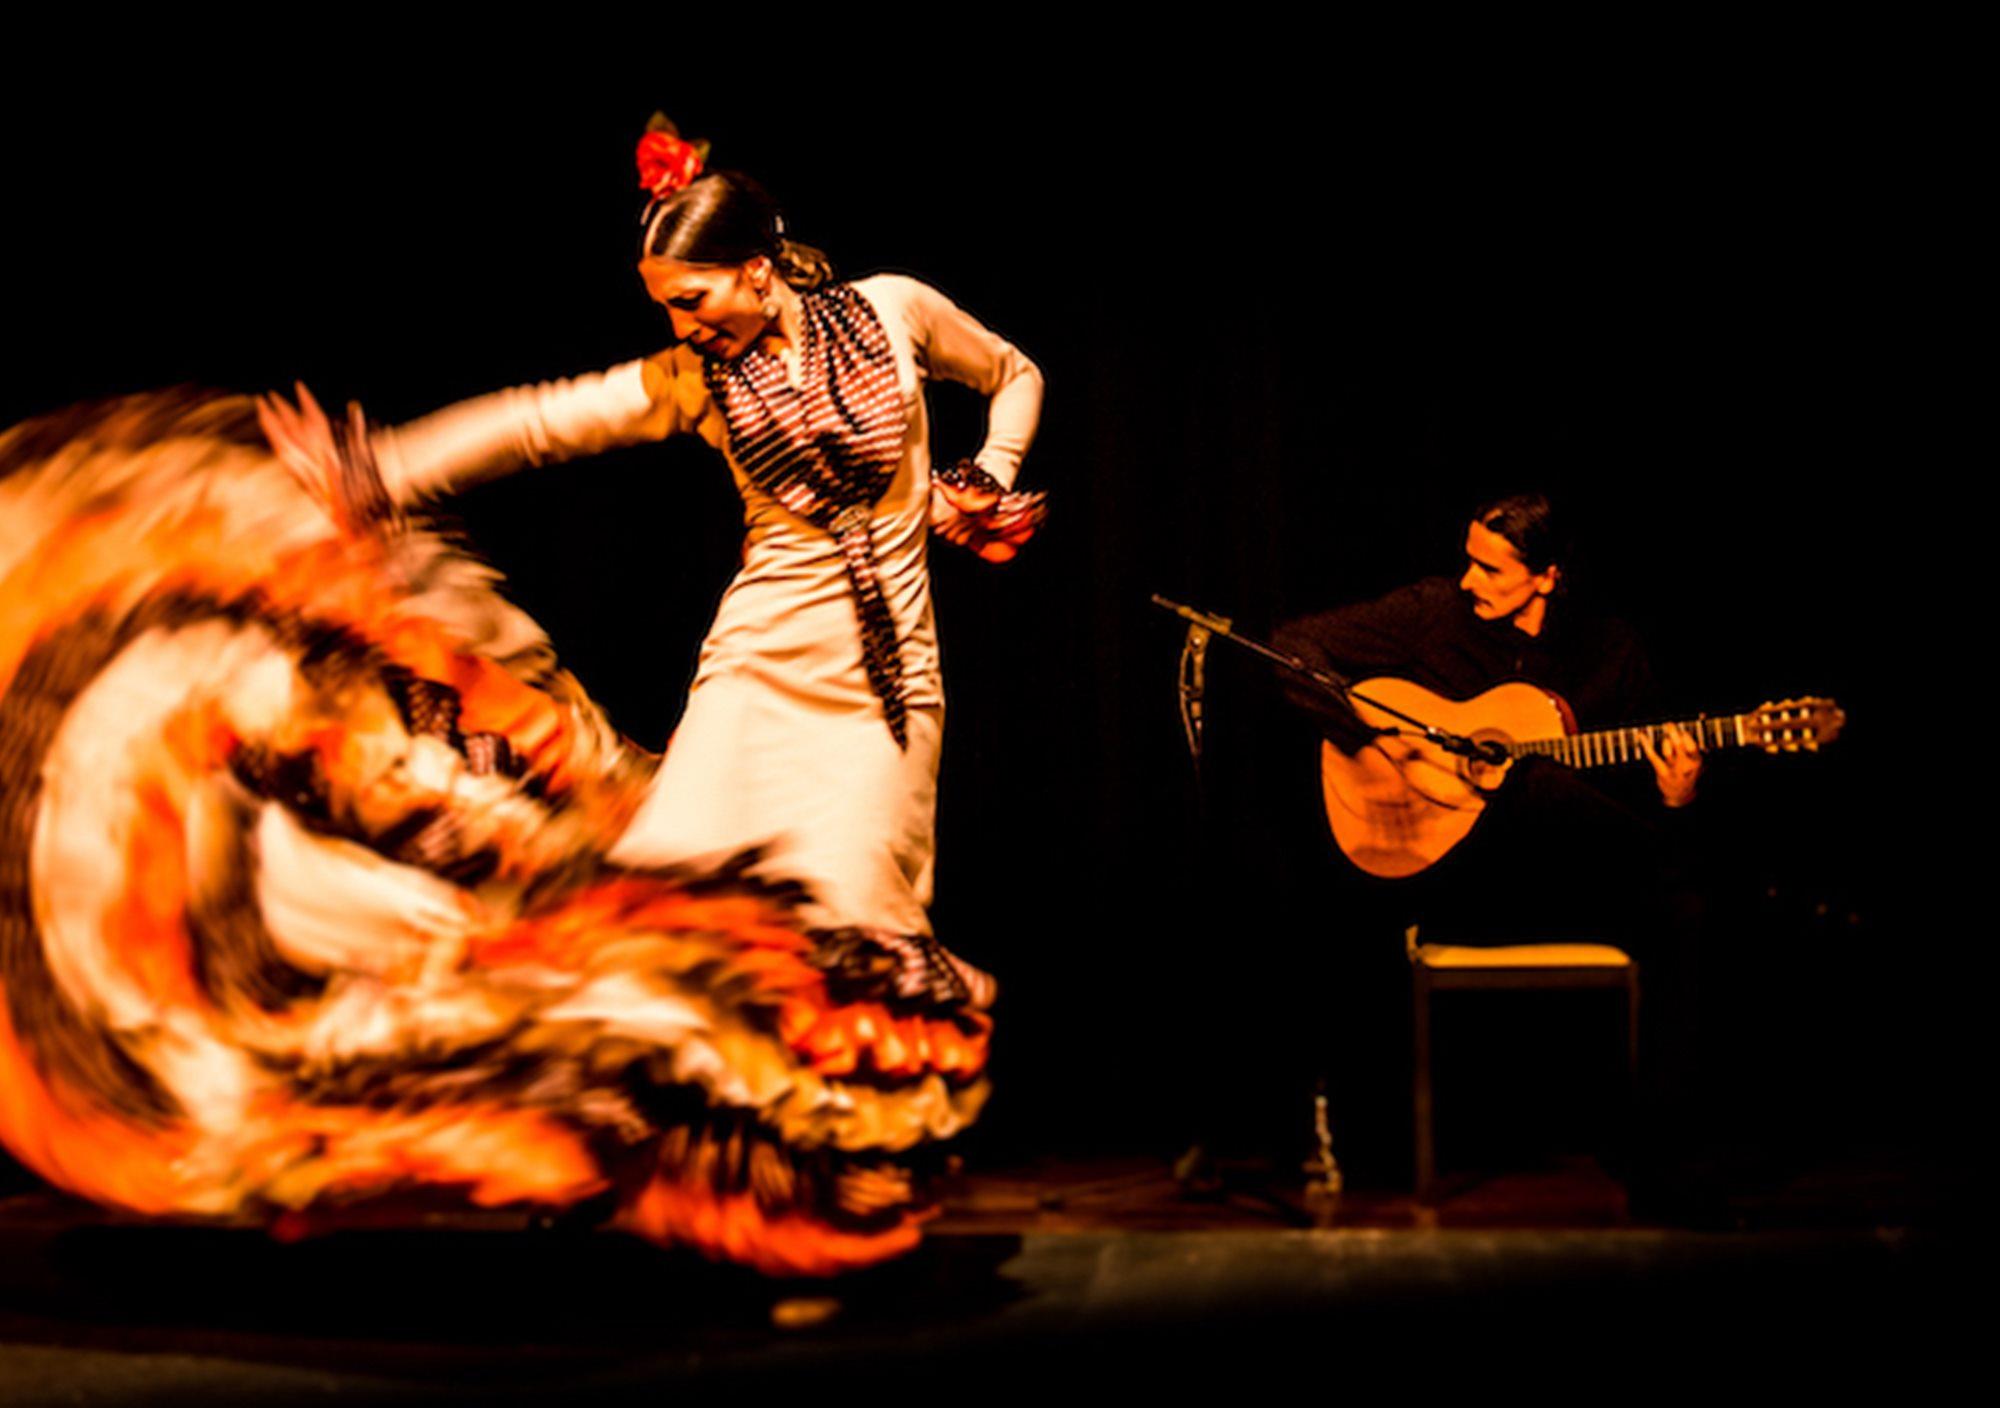 Resultado de imagen para espectaculo flamenco